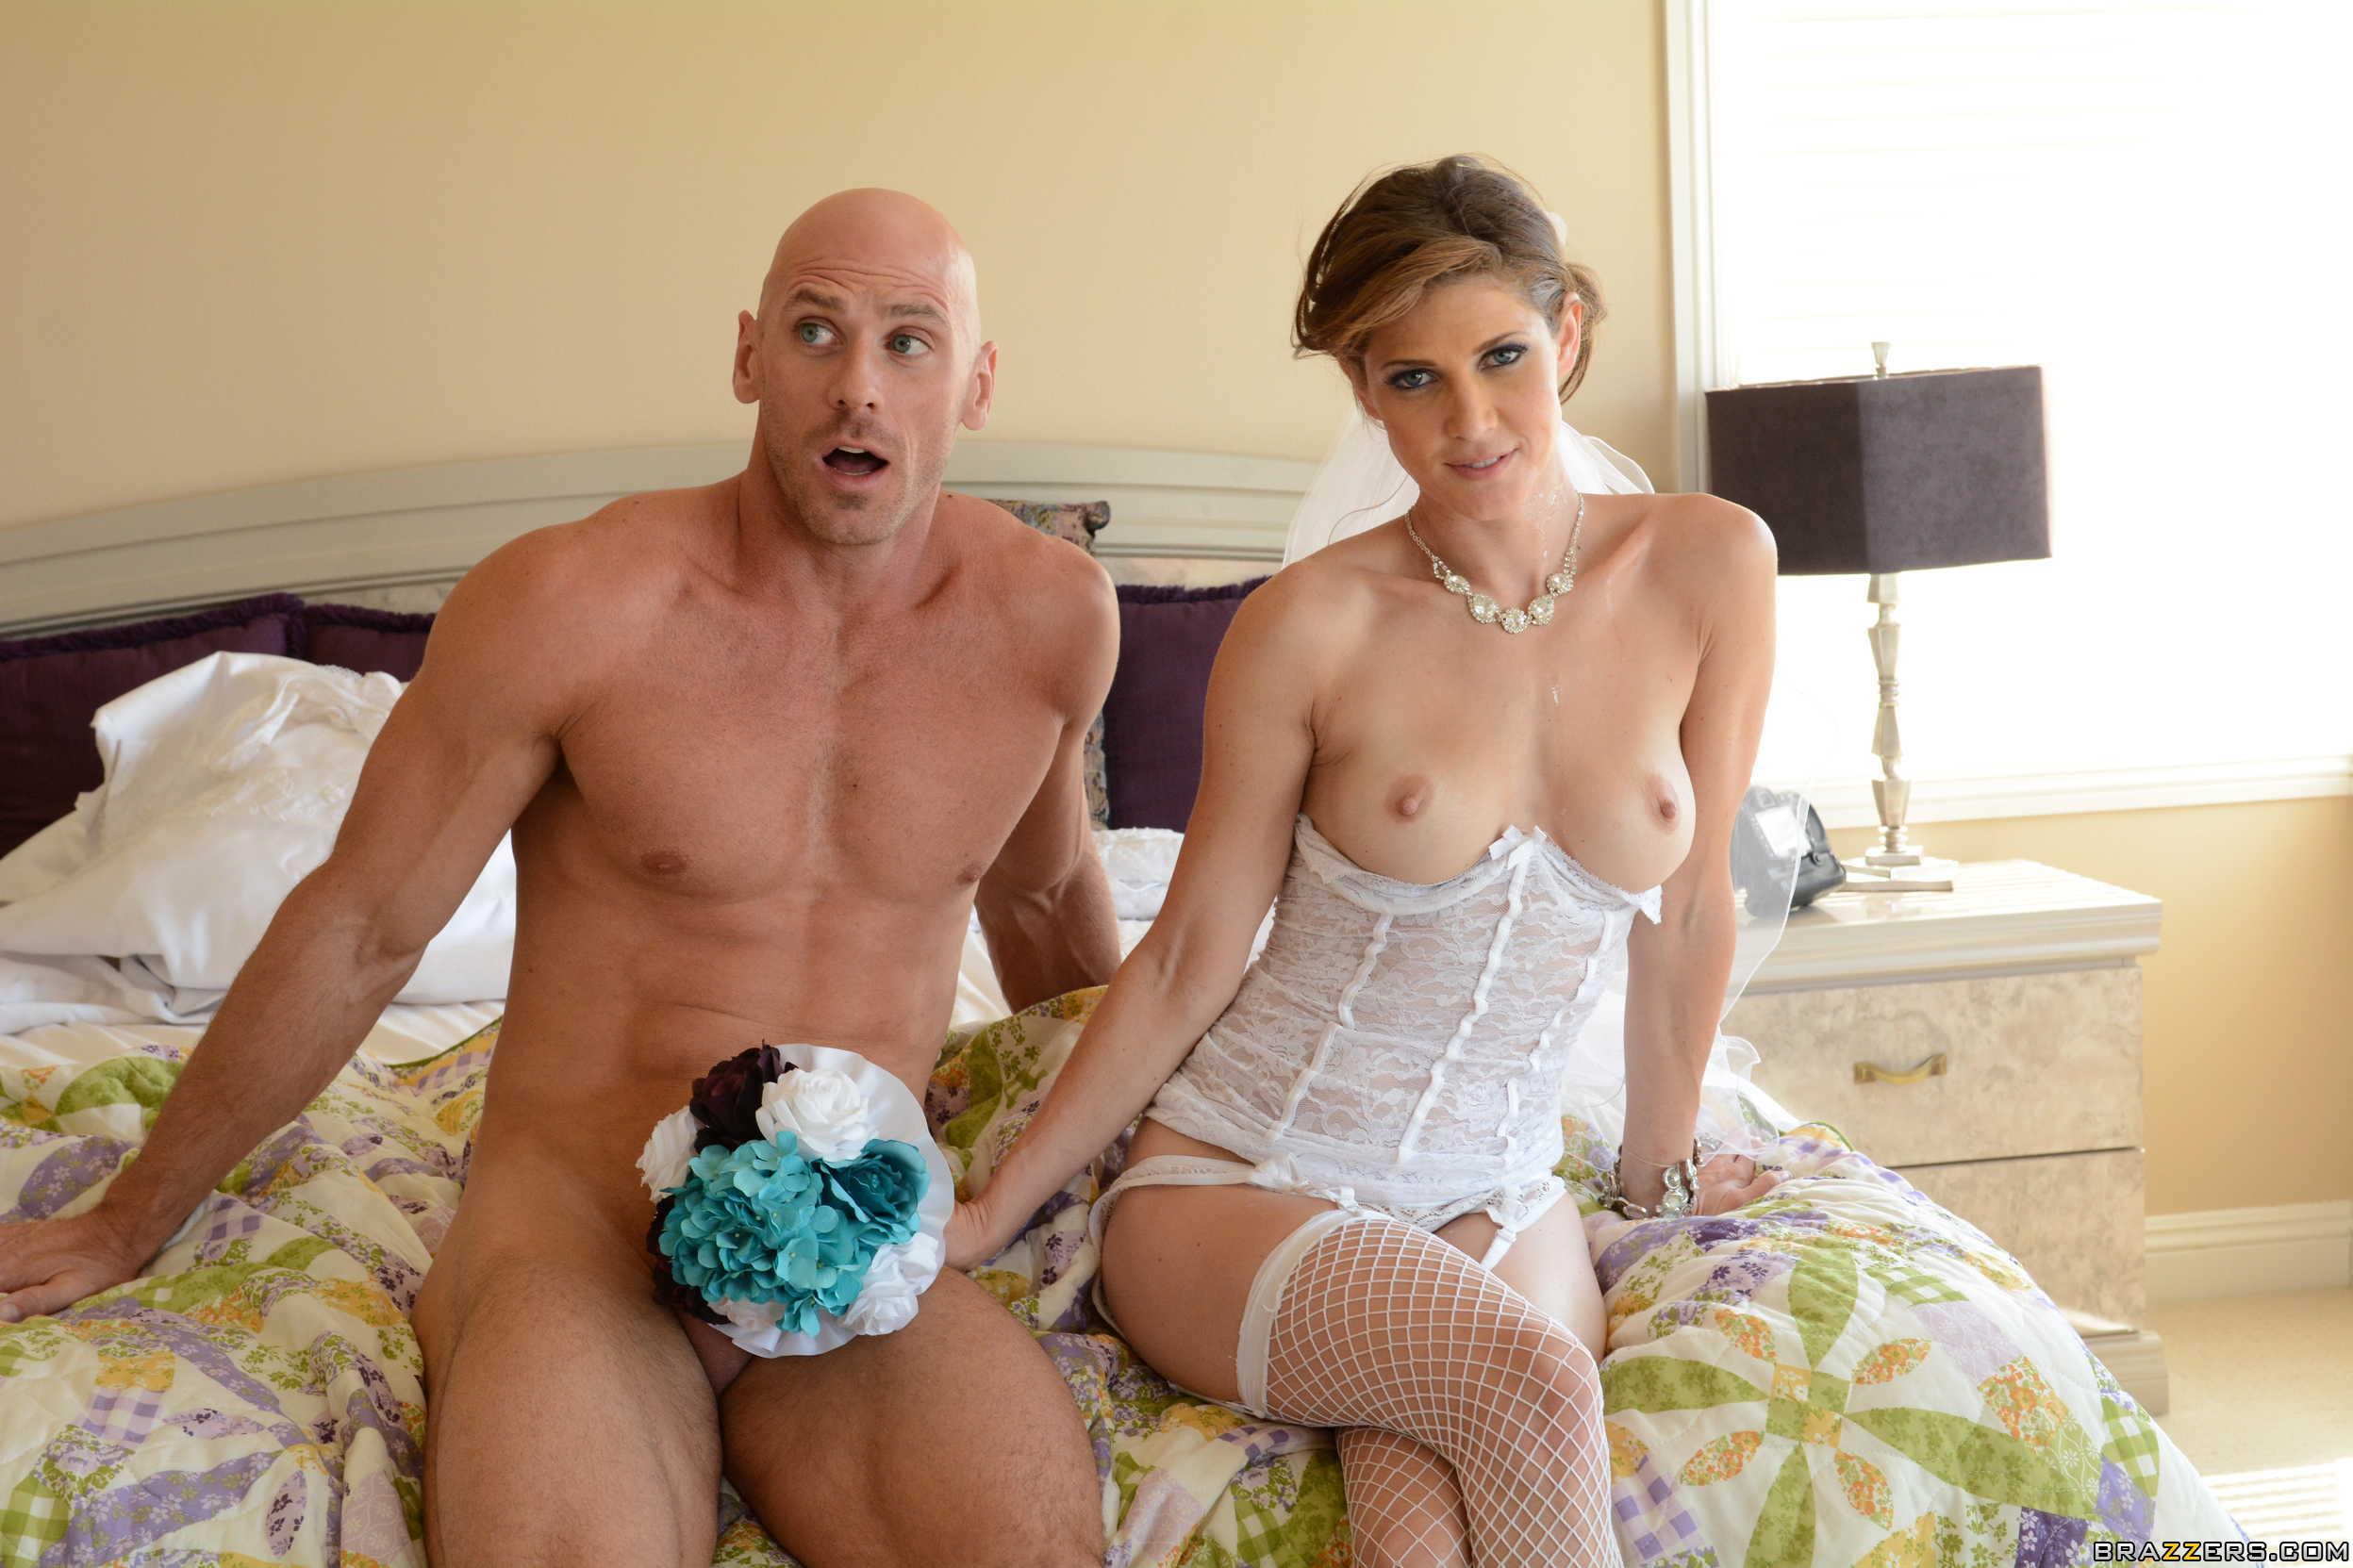 невеста изменяет на свадьбе смотреть порно онлайн